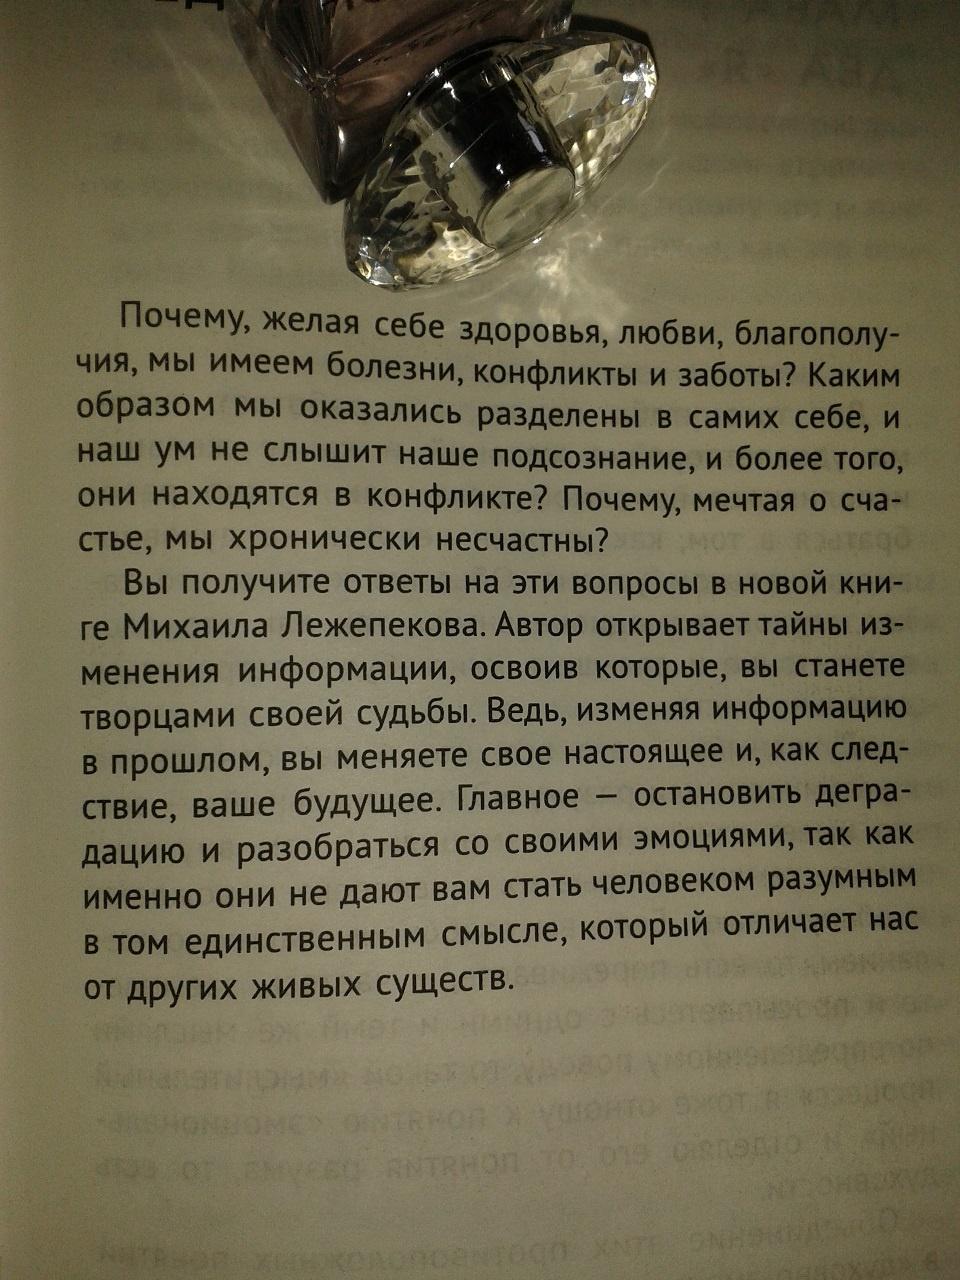 главное в книге